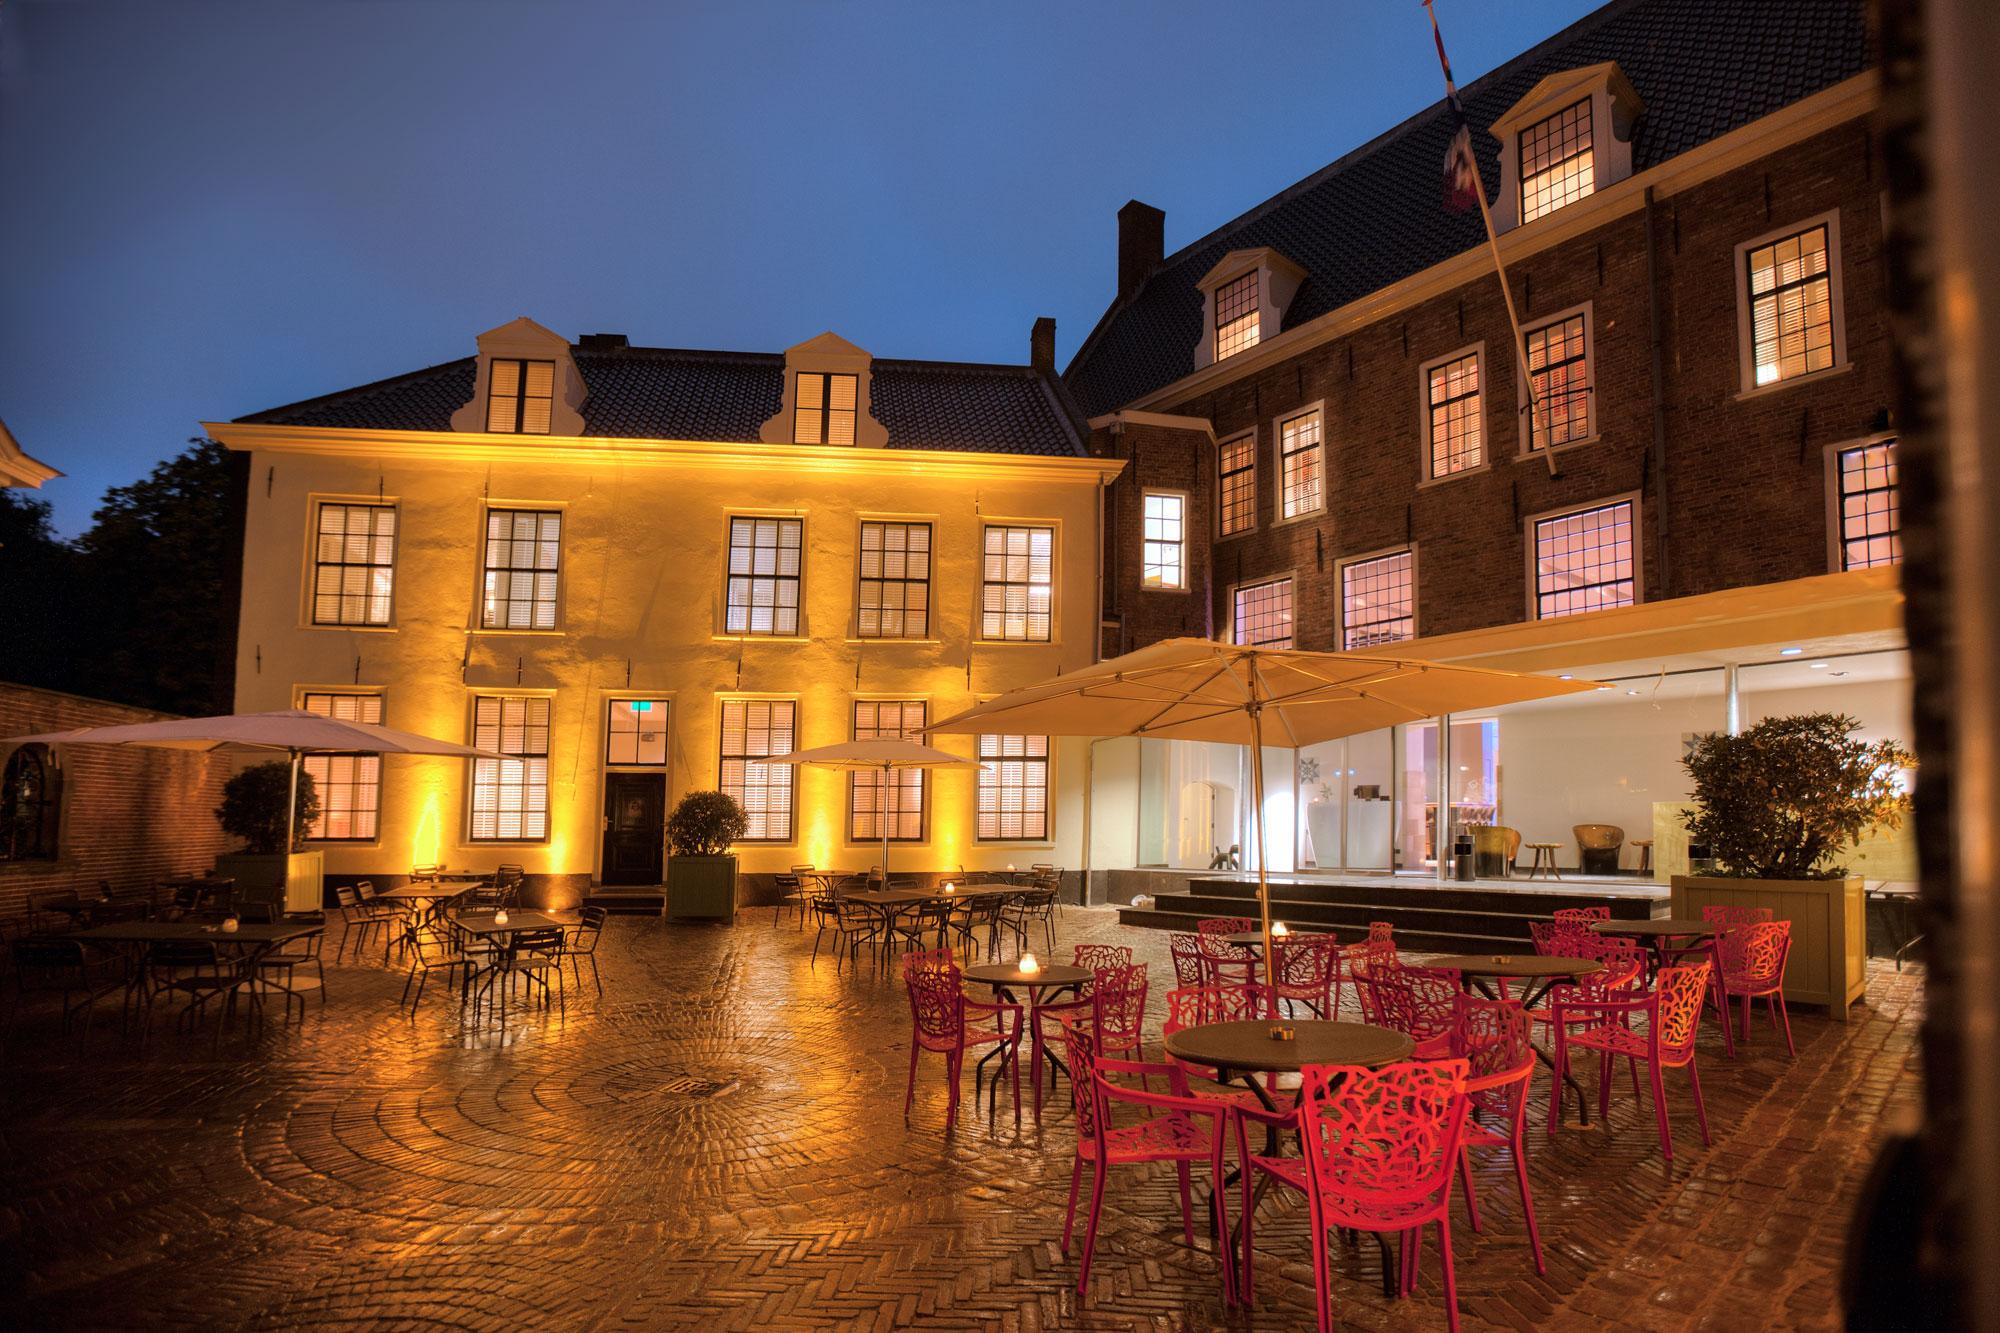 Hotel Prinsenhof 11